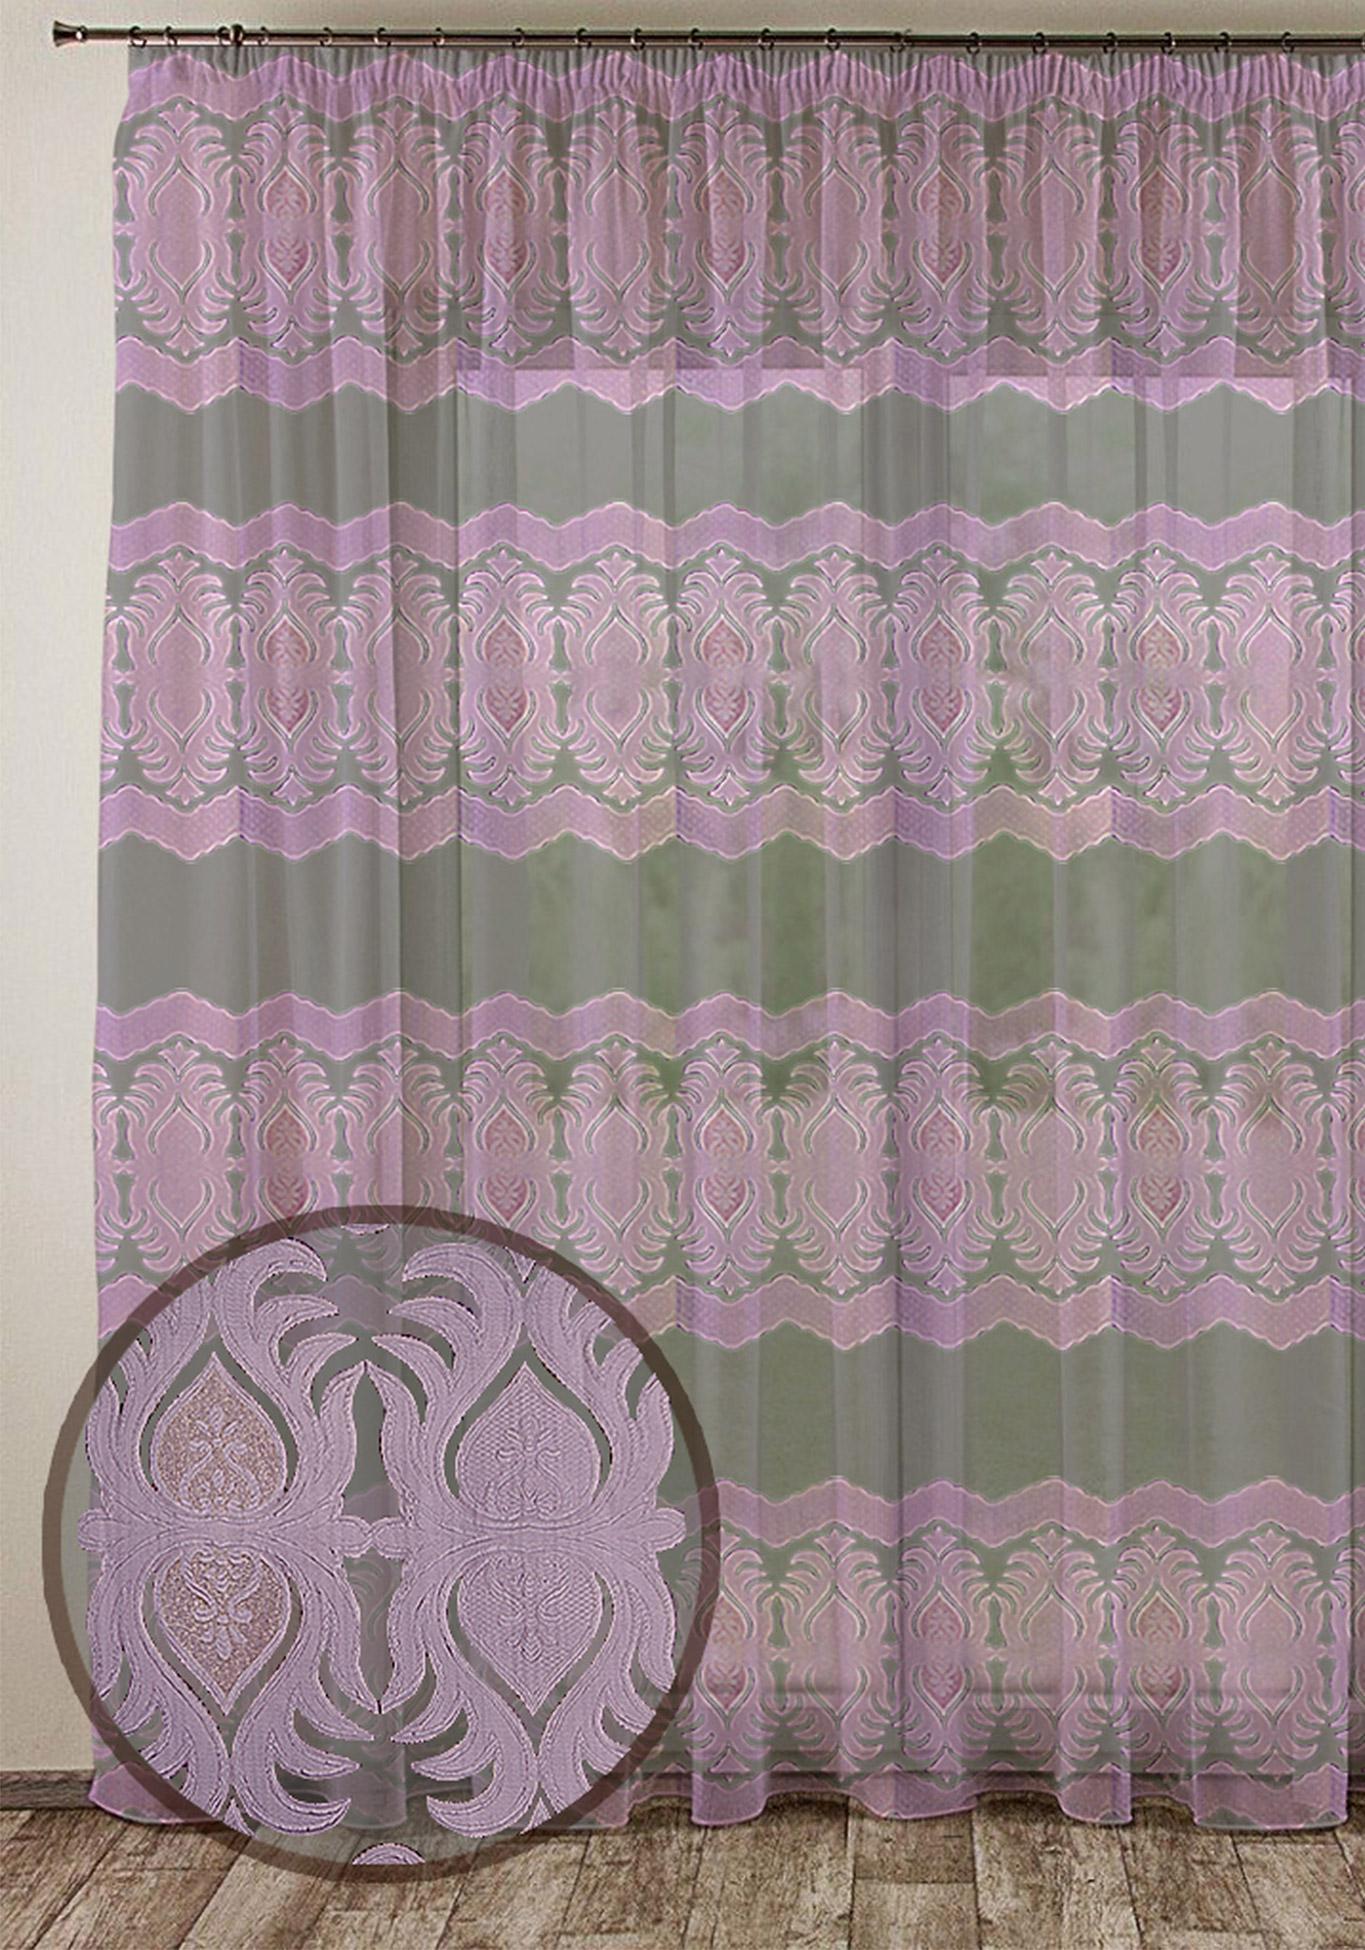 Тюль с жаккардовым тиснением Очарование комплект шторы и тюль мартекс фиолетовый сад